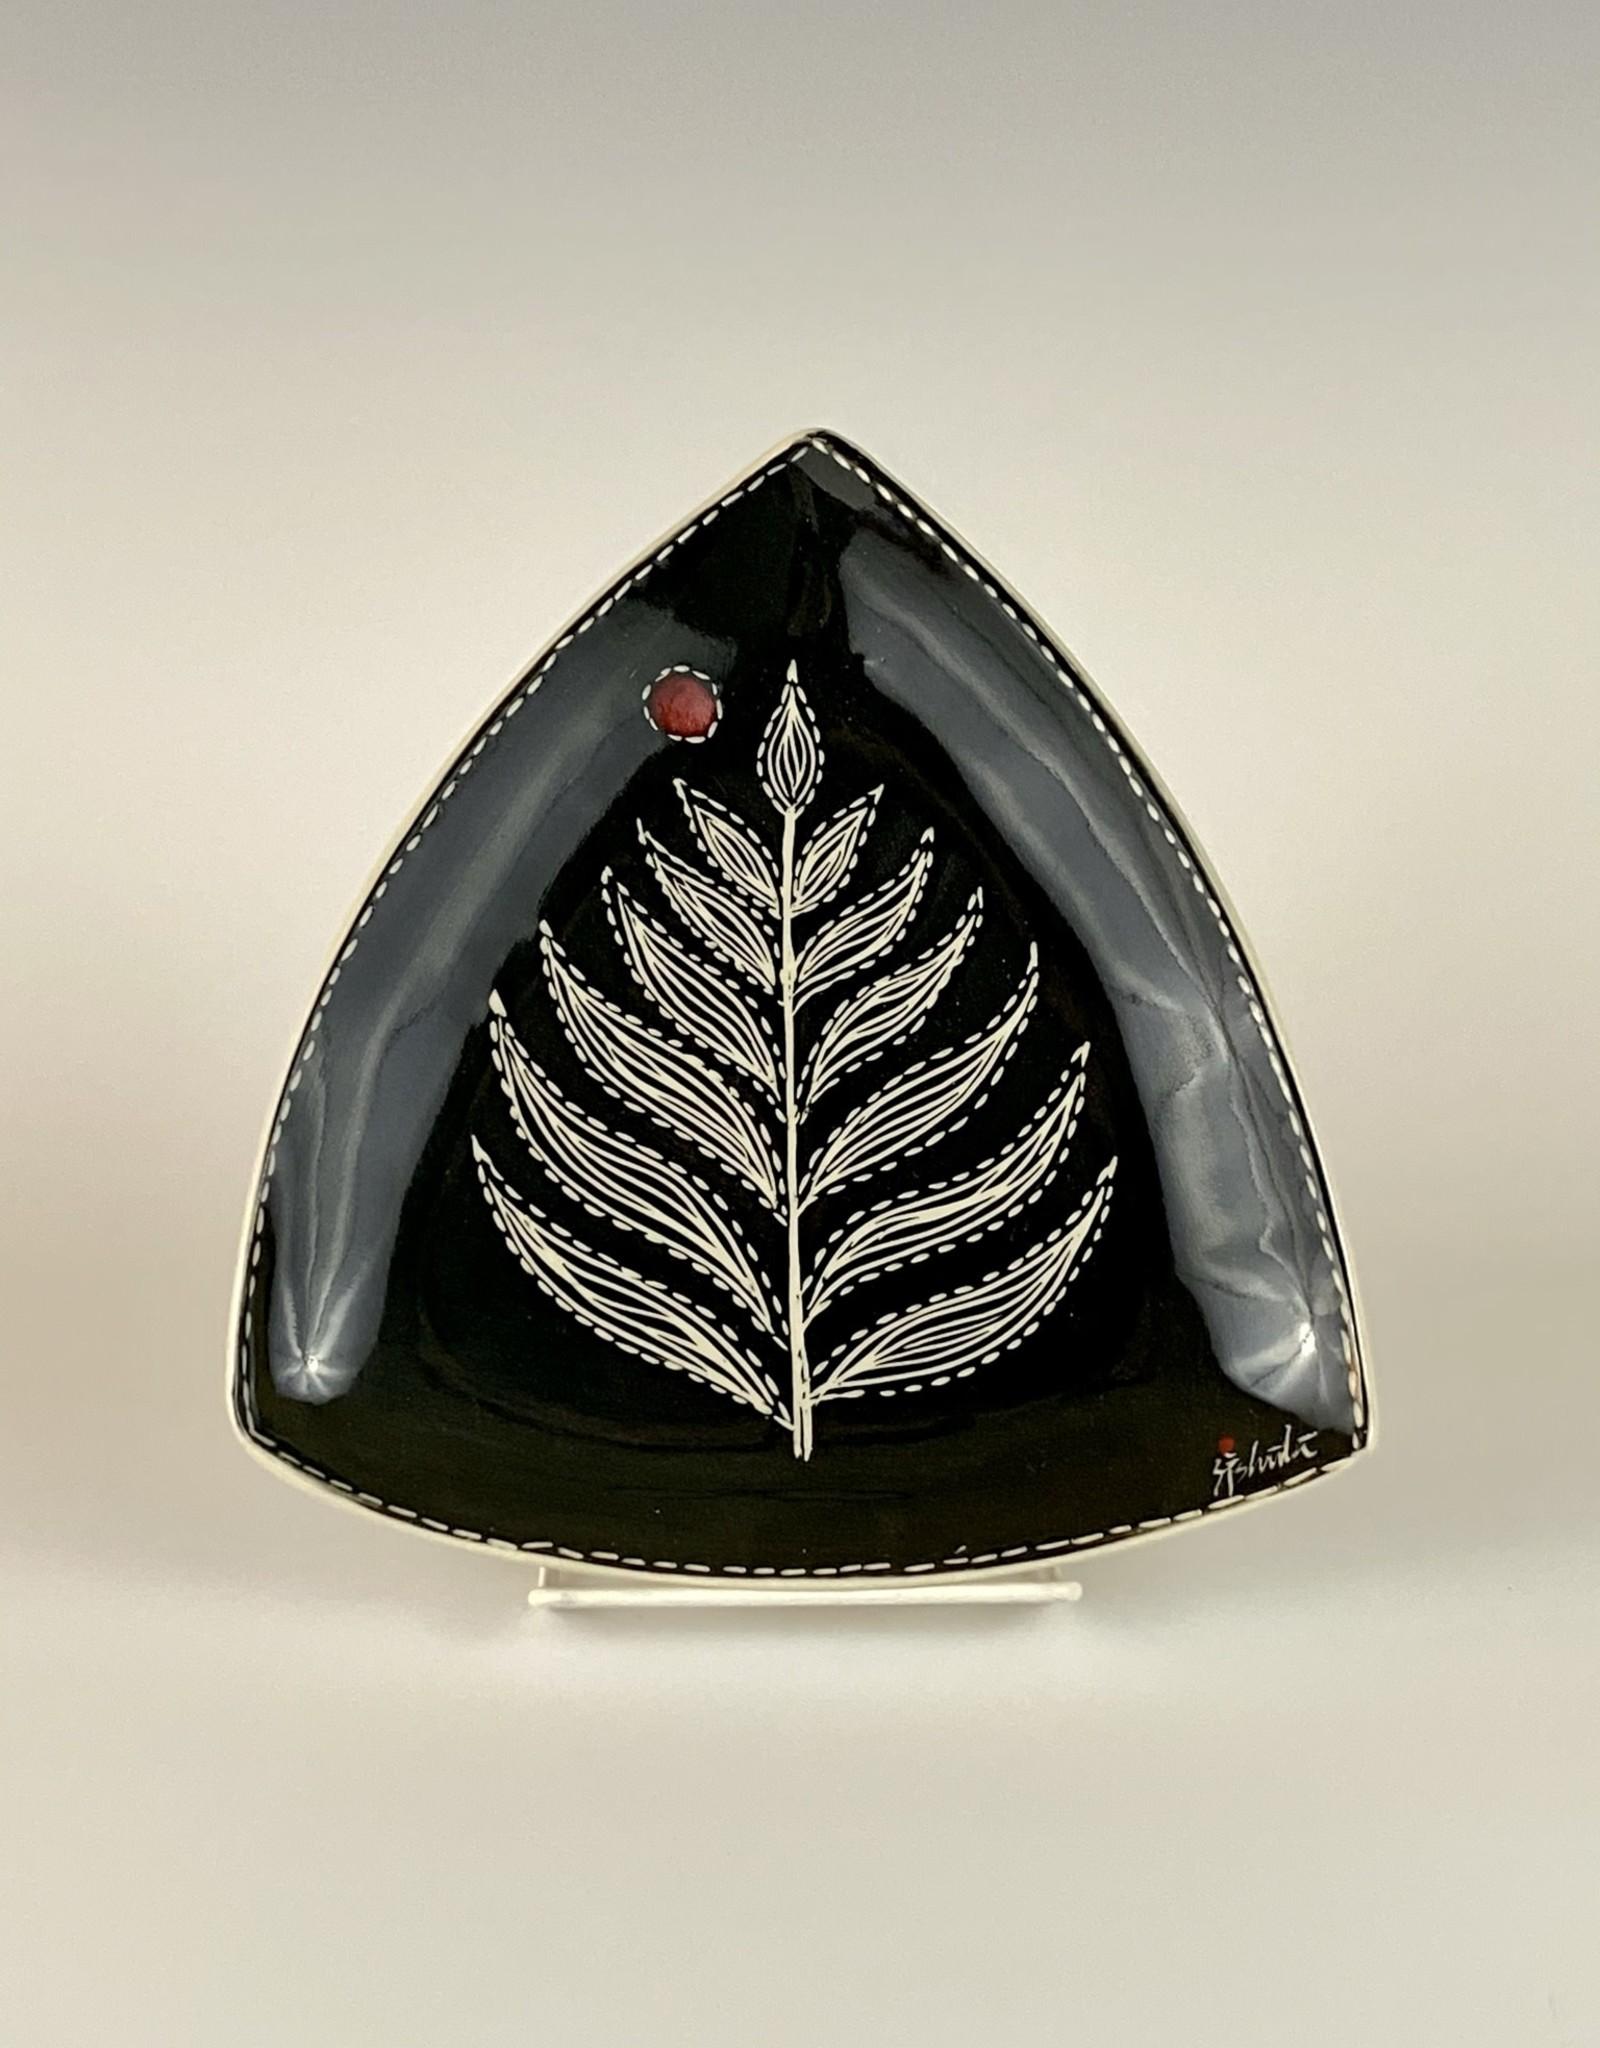 Anshula Tayal Amaati black Kantha triangle plate